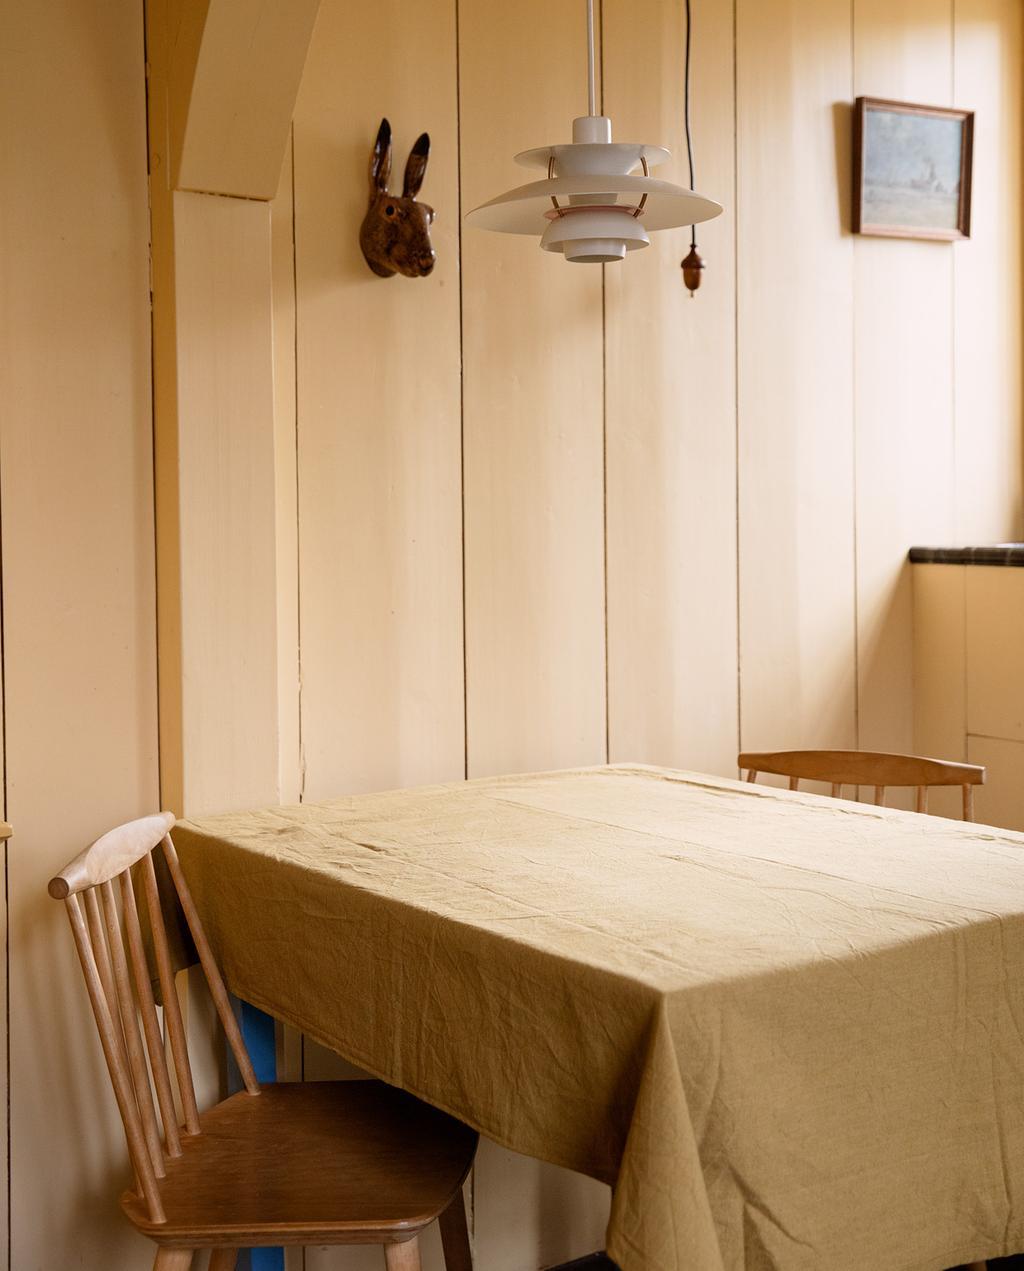 vtwonen 05-2021 | geel tafelkleed met stoelen